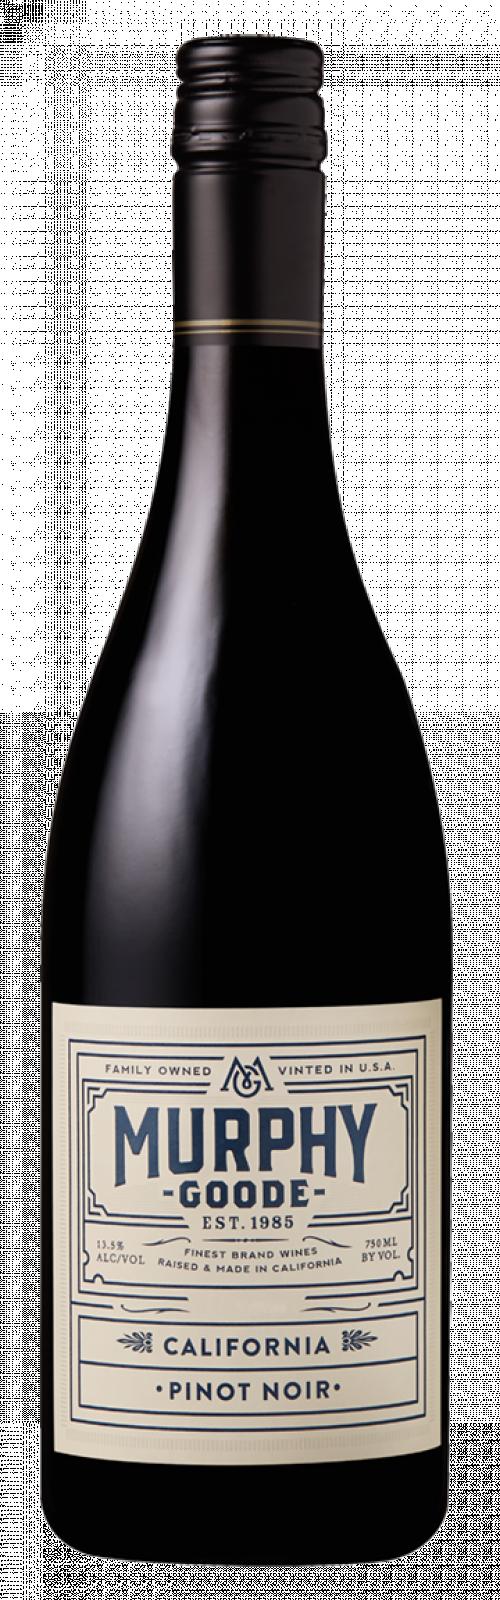 Murphy-Goode Pinot Noir 750ml NV